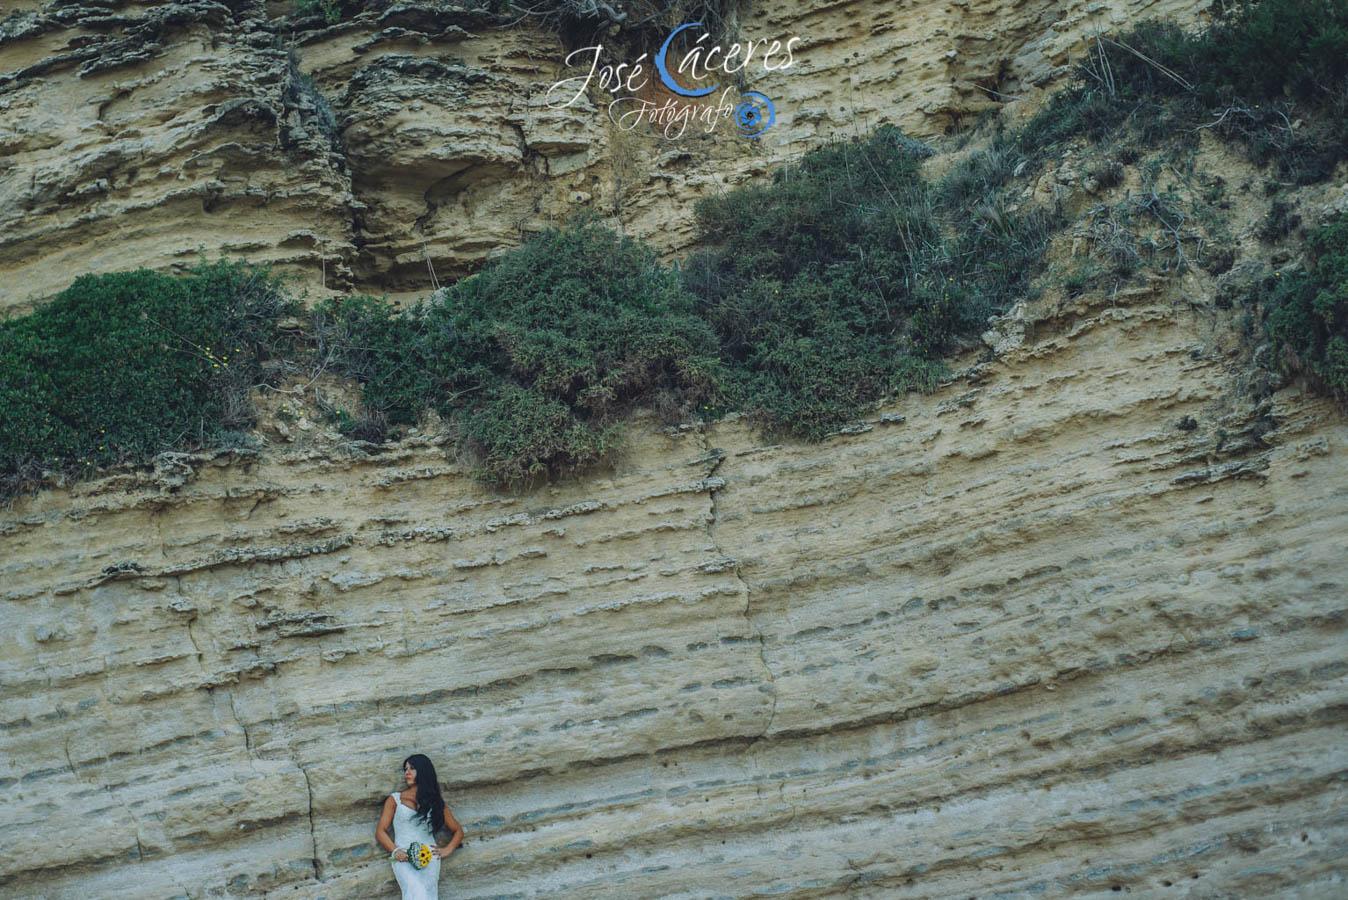 Sesion fotografica de jose caceres fotografia, post boda leticia y jose luis, playas-7